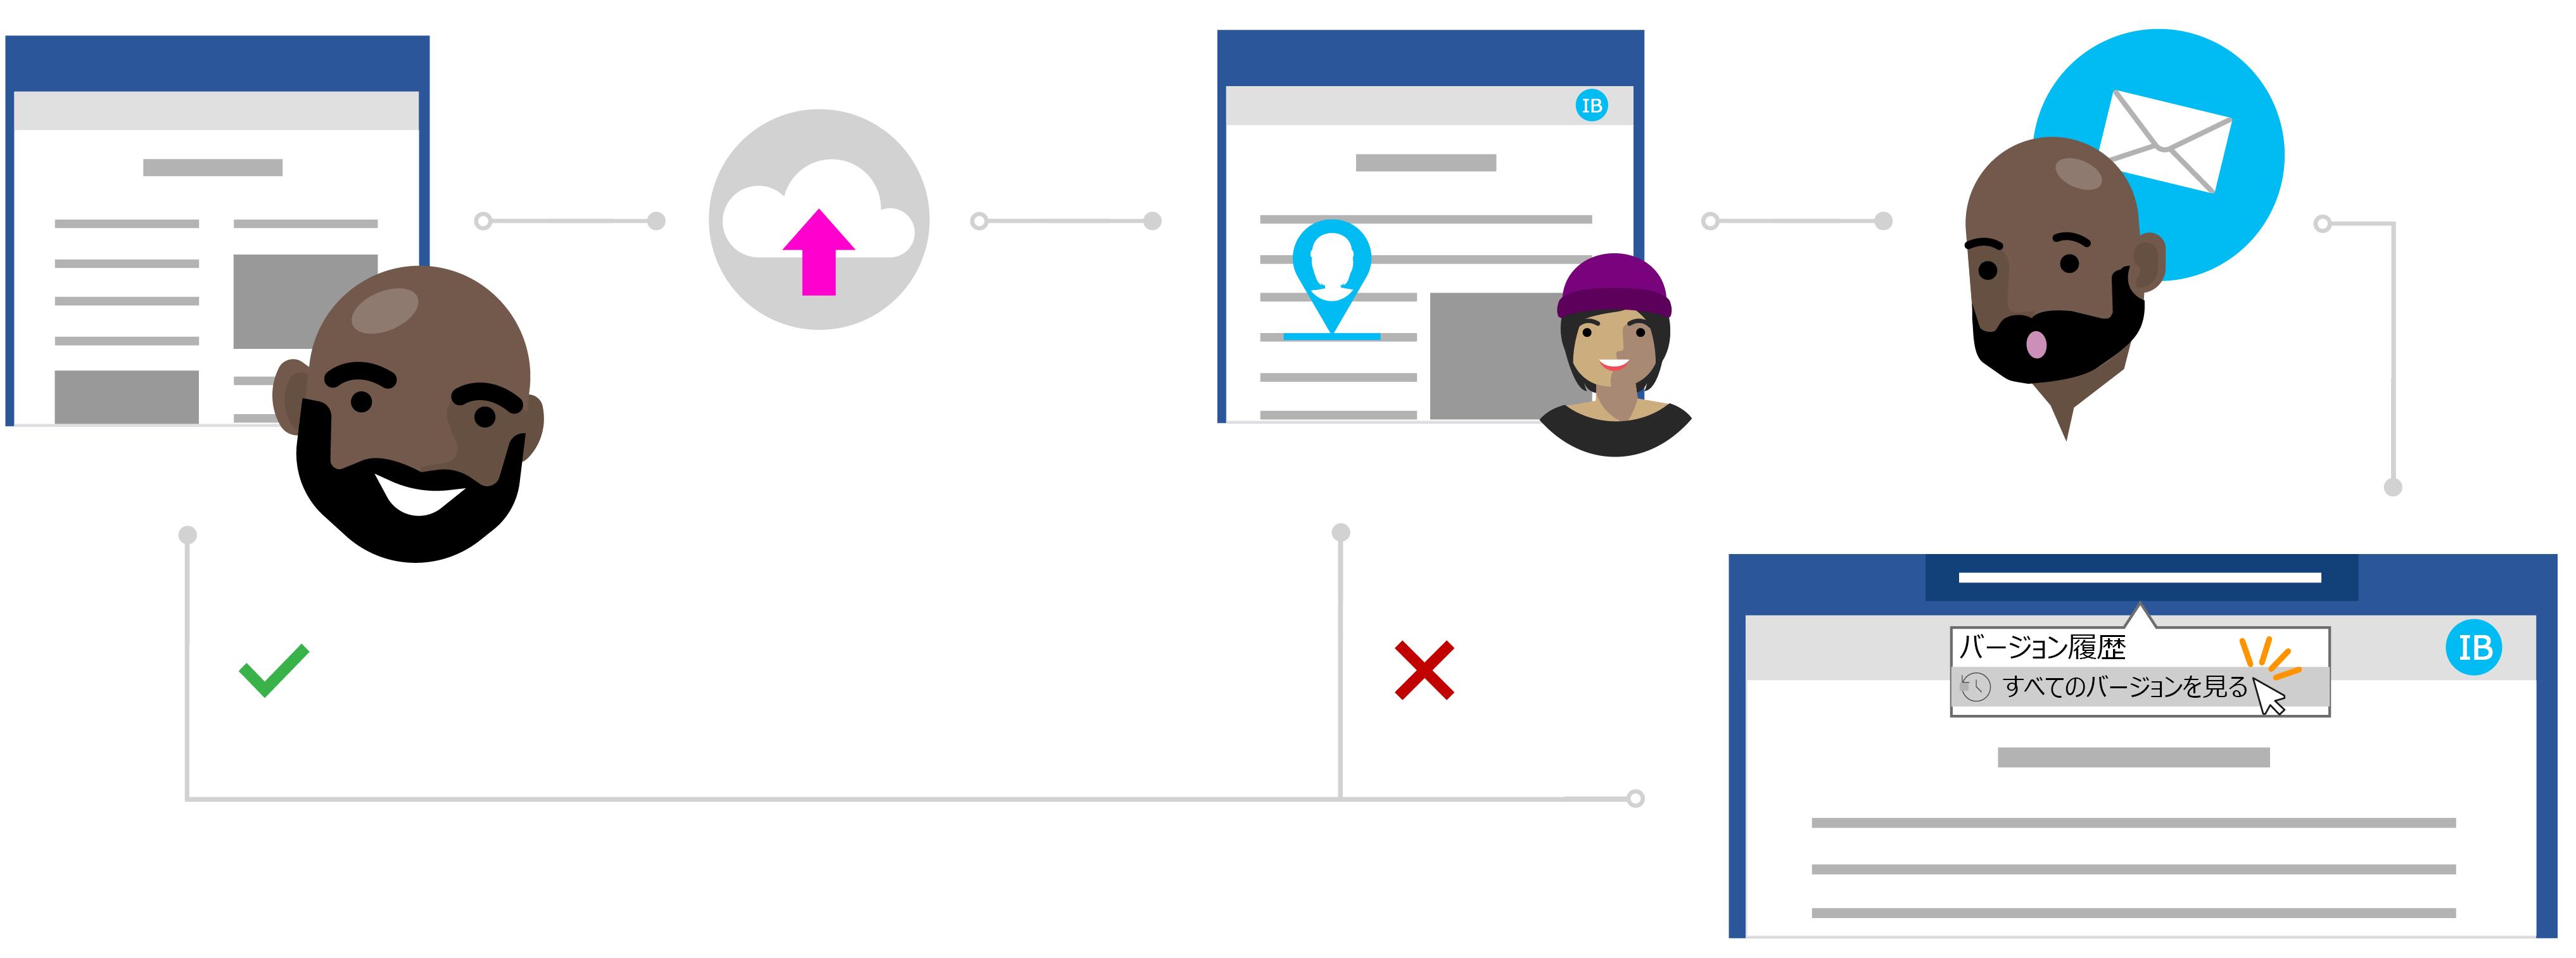 バージョン履歴を使用して、以前のバージョンのファイルを参照してください。